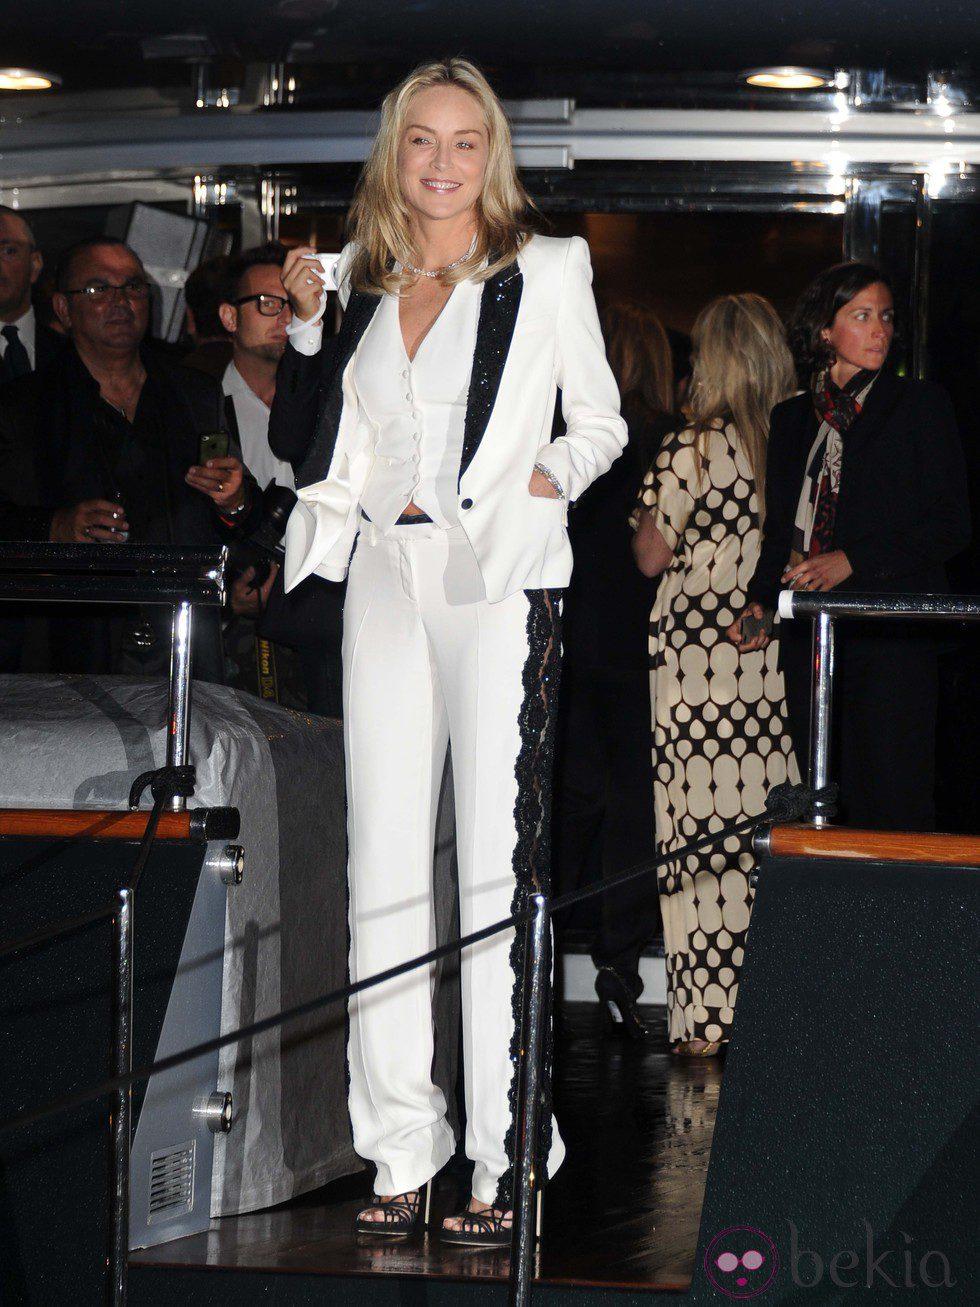 Sharon Stone en la fiesta en el yate de Roberto Cavalli en Cannes